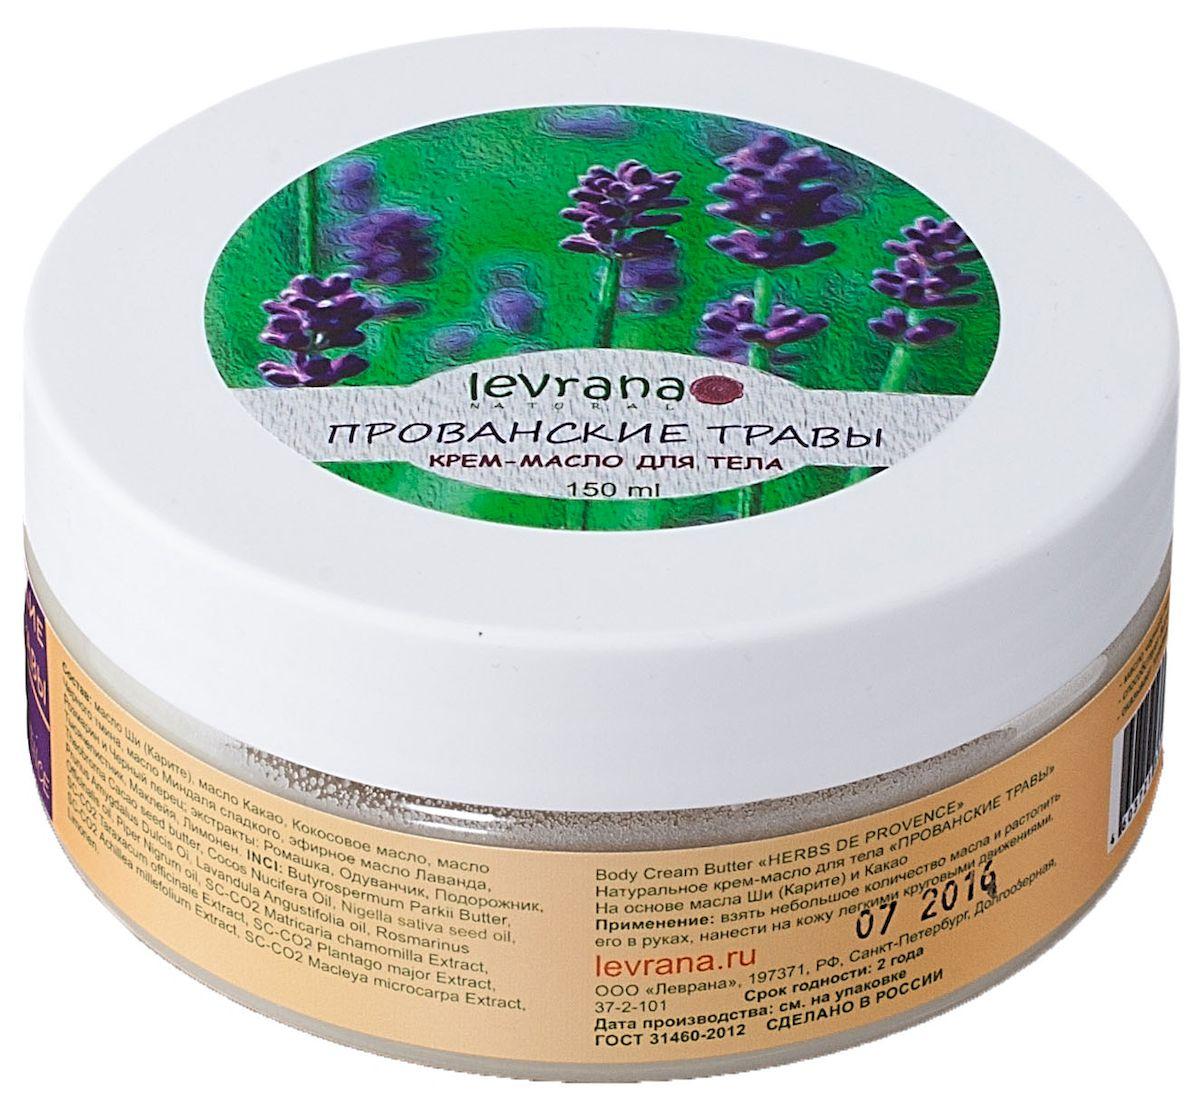 Levrana Крем-масло Прованские травы, 150 мл7289267Используйте крем-масло для всего тела сразу после банных процедур, оно приятно смягчает и увлажняет кожу, а также насыщает ее витаминами.